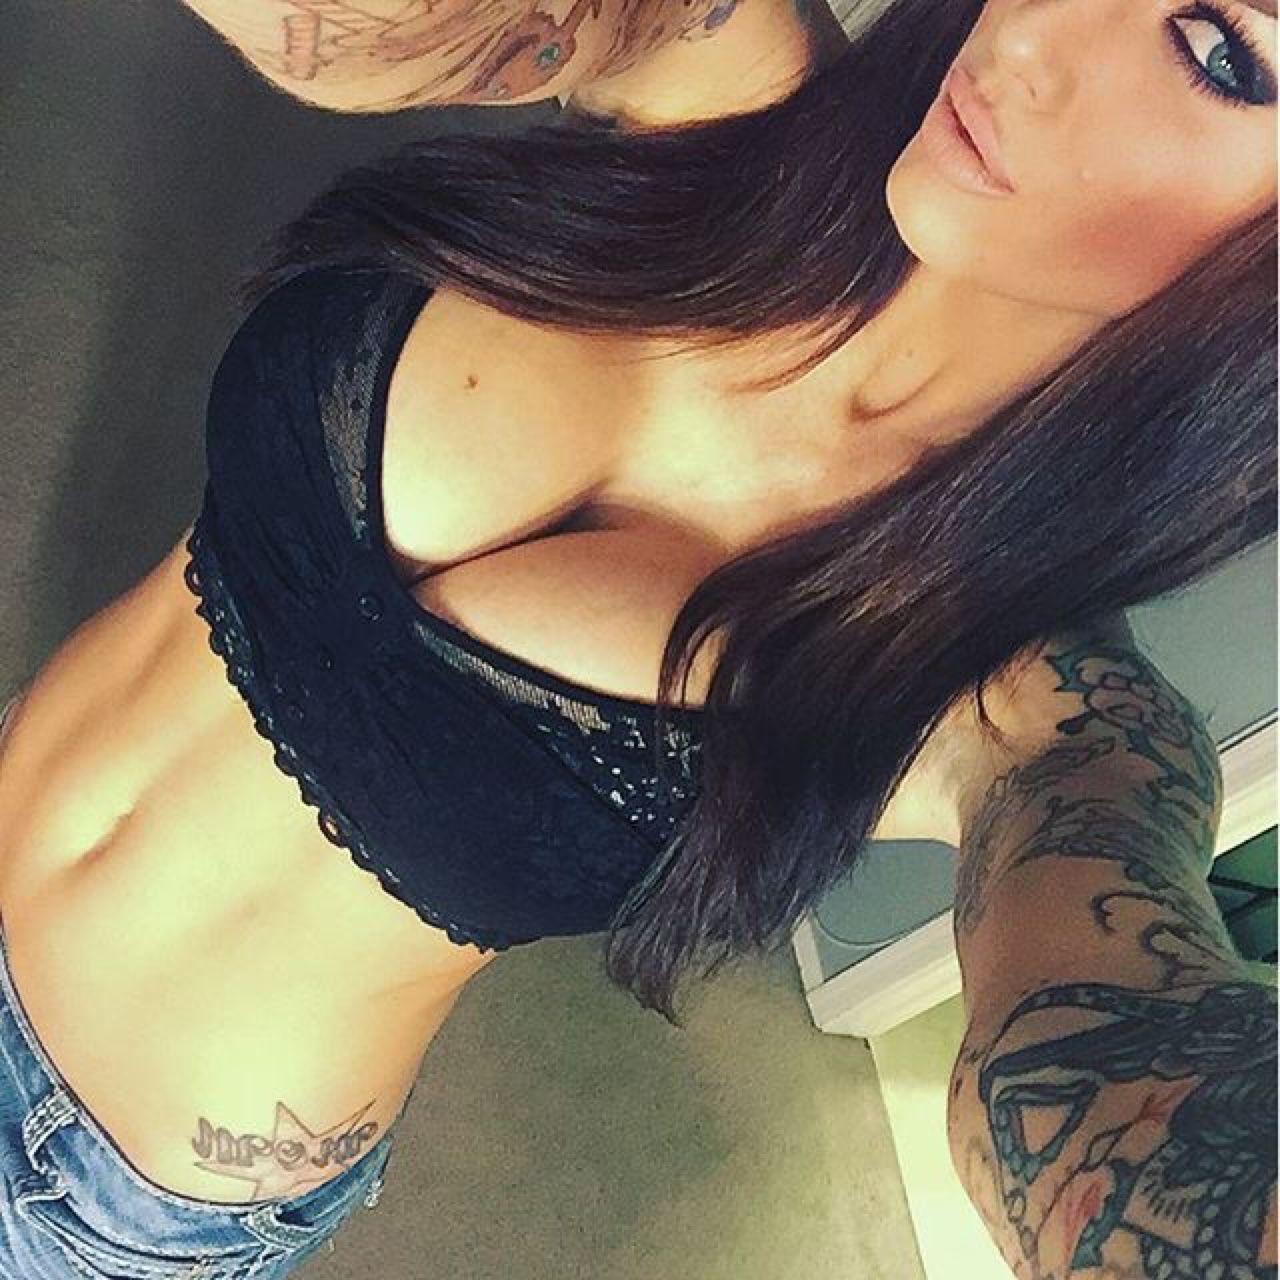 Pin On Inked Selfies